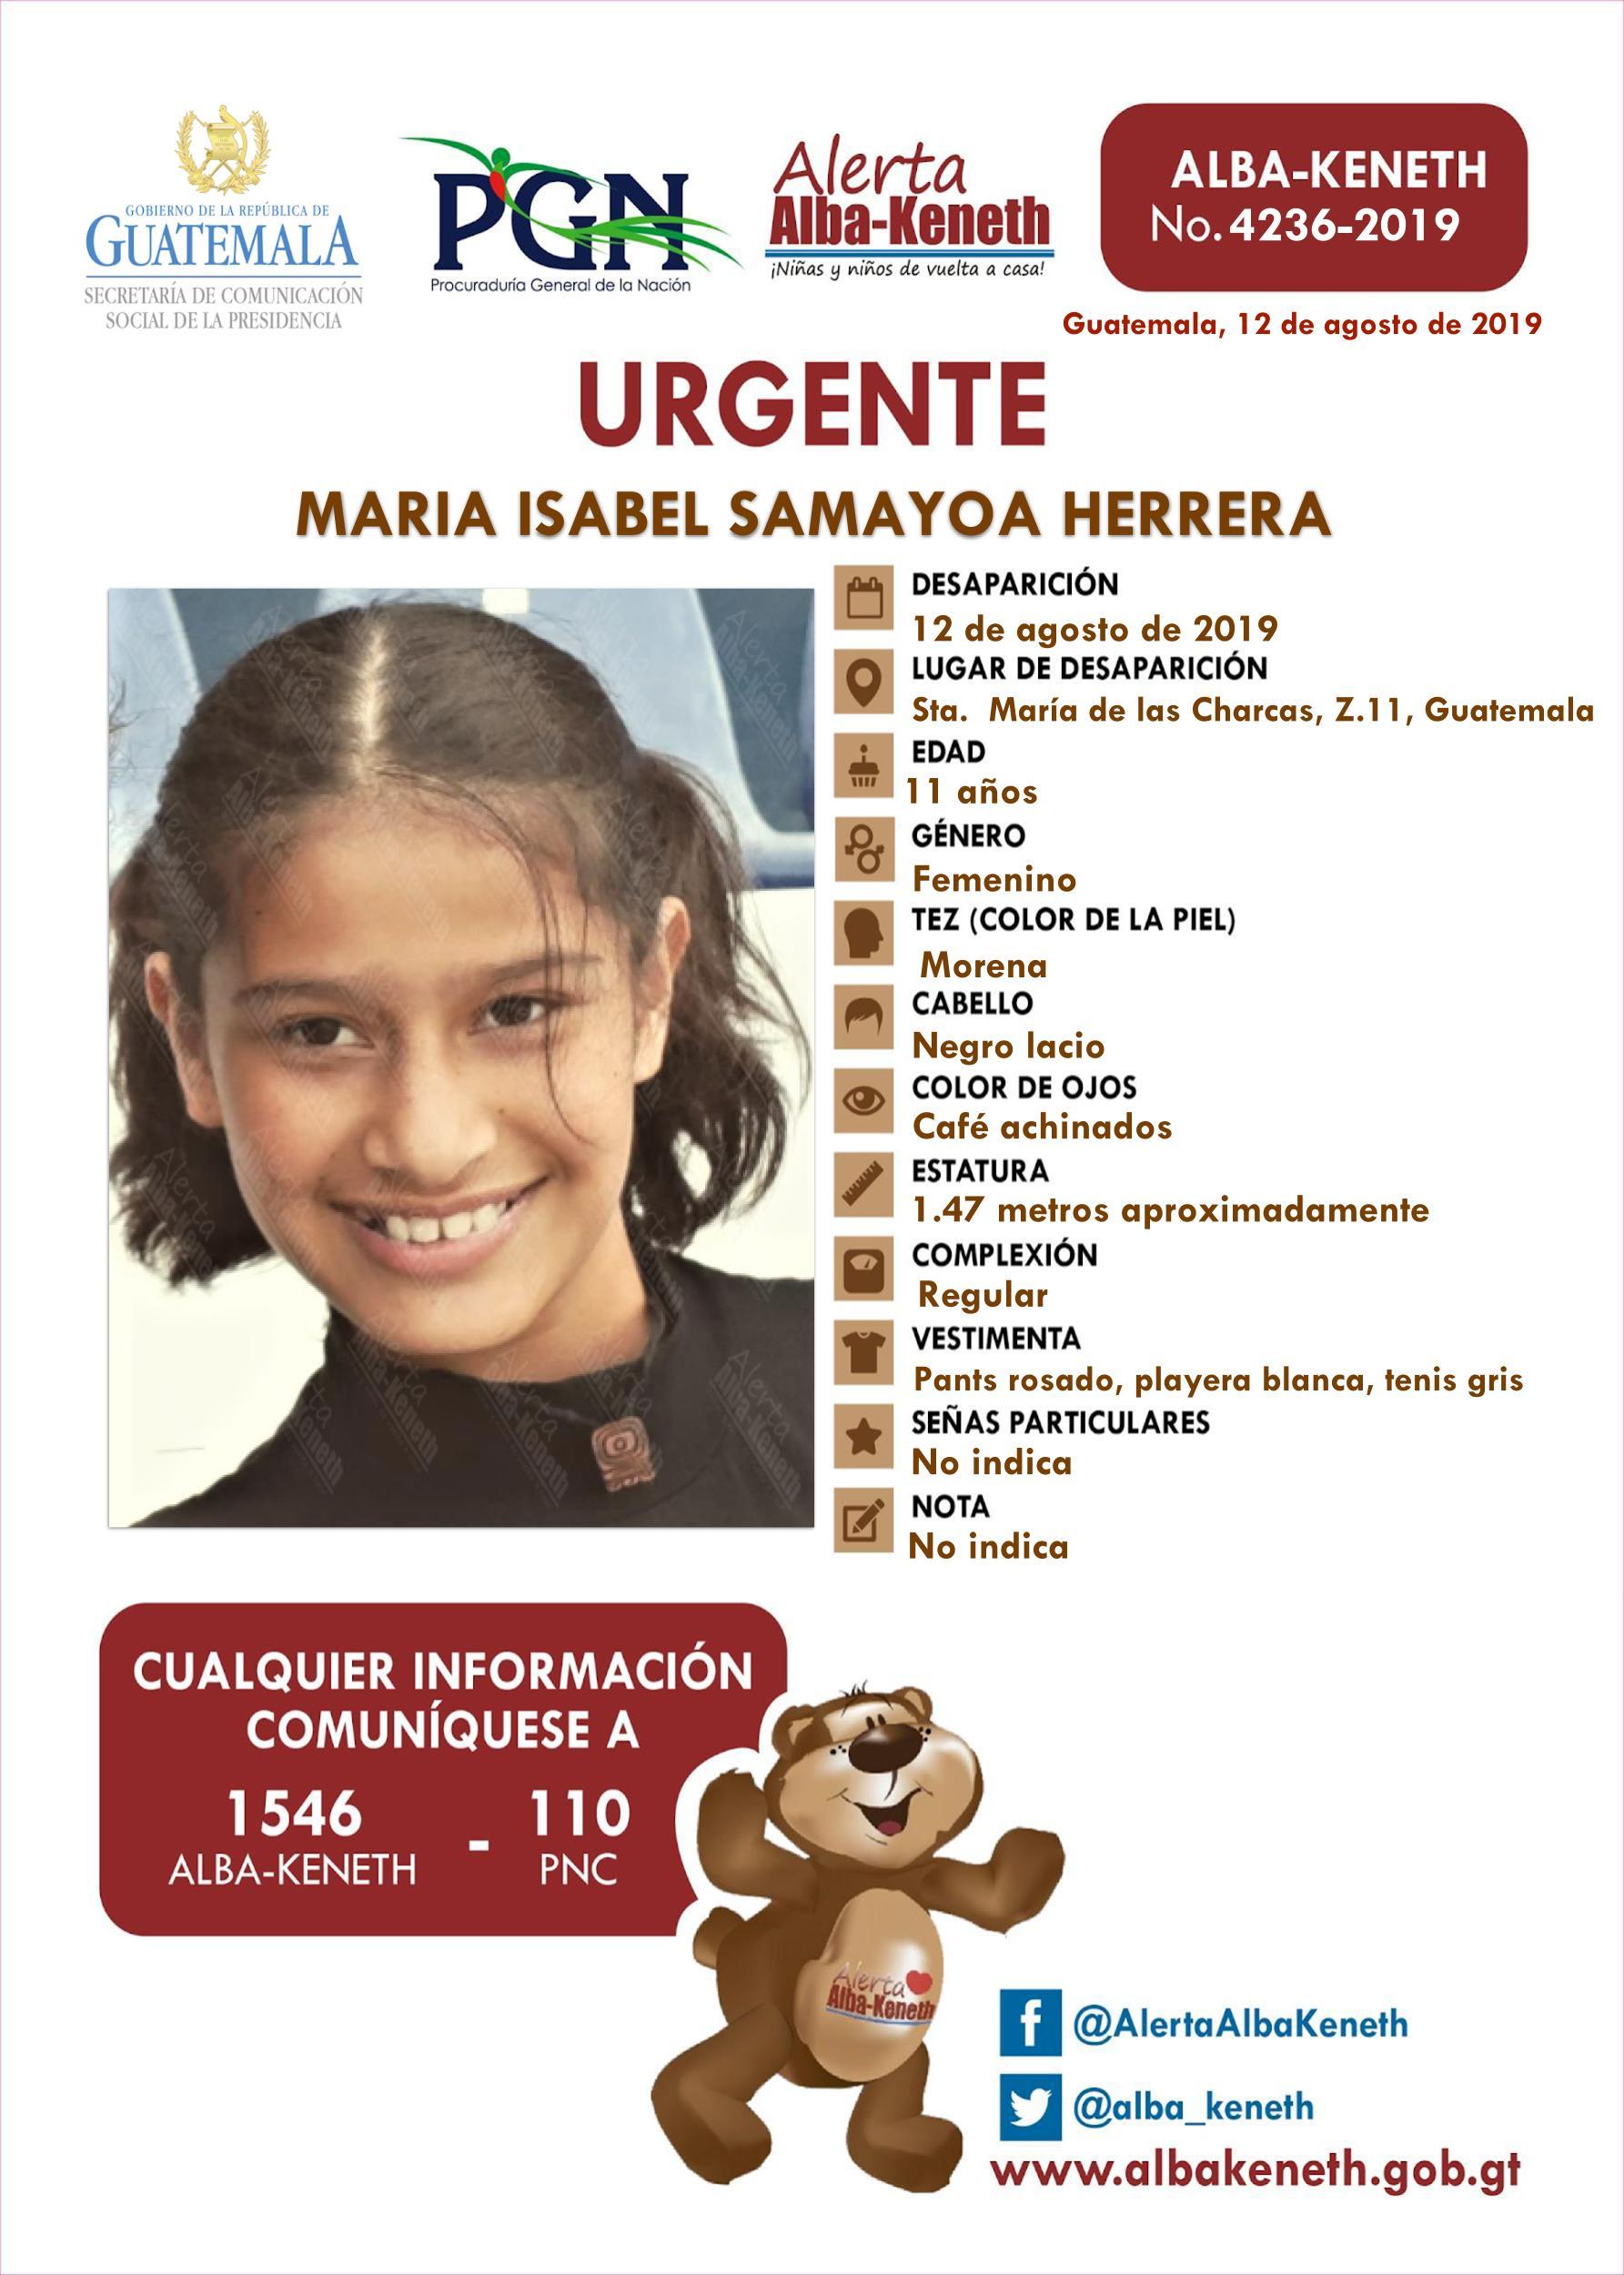 Maria Isabel Samayoa Herrera